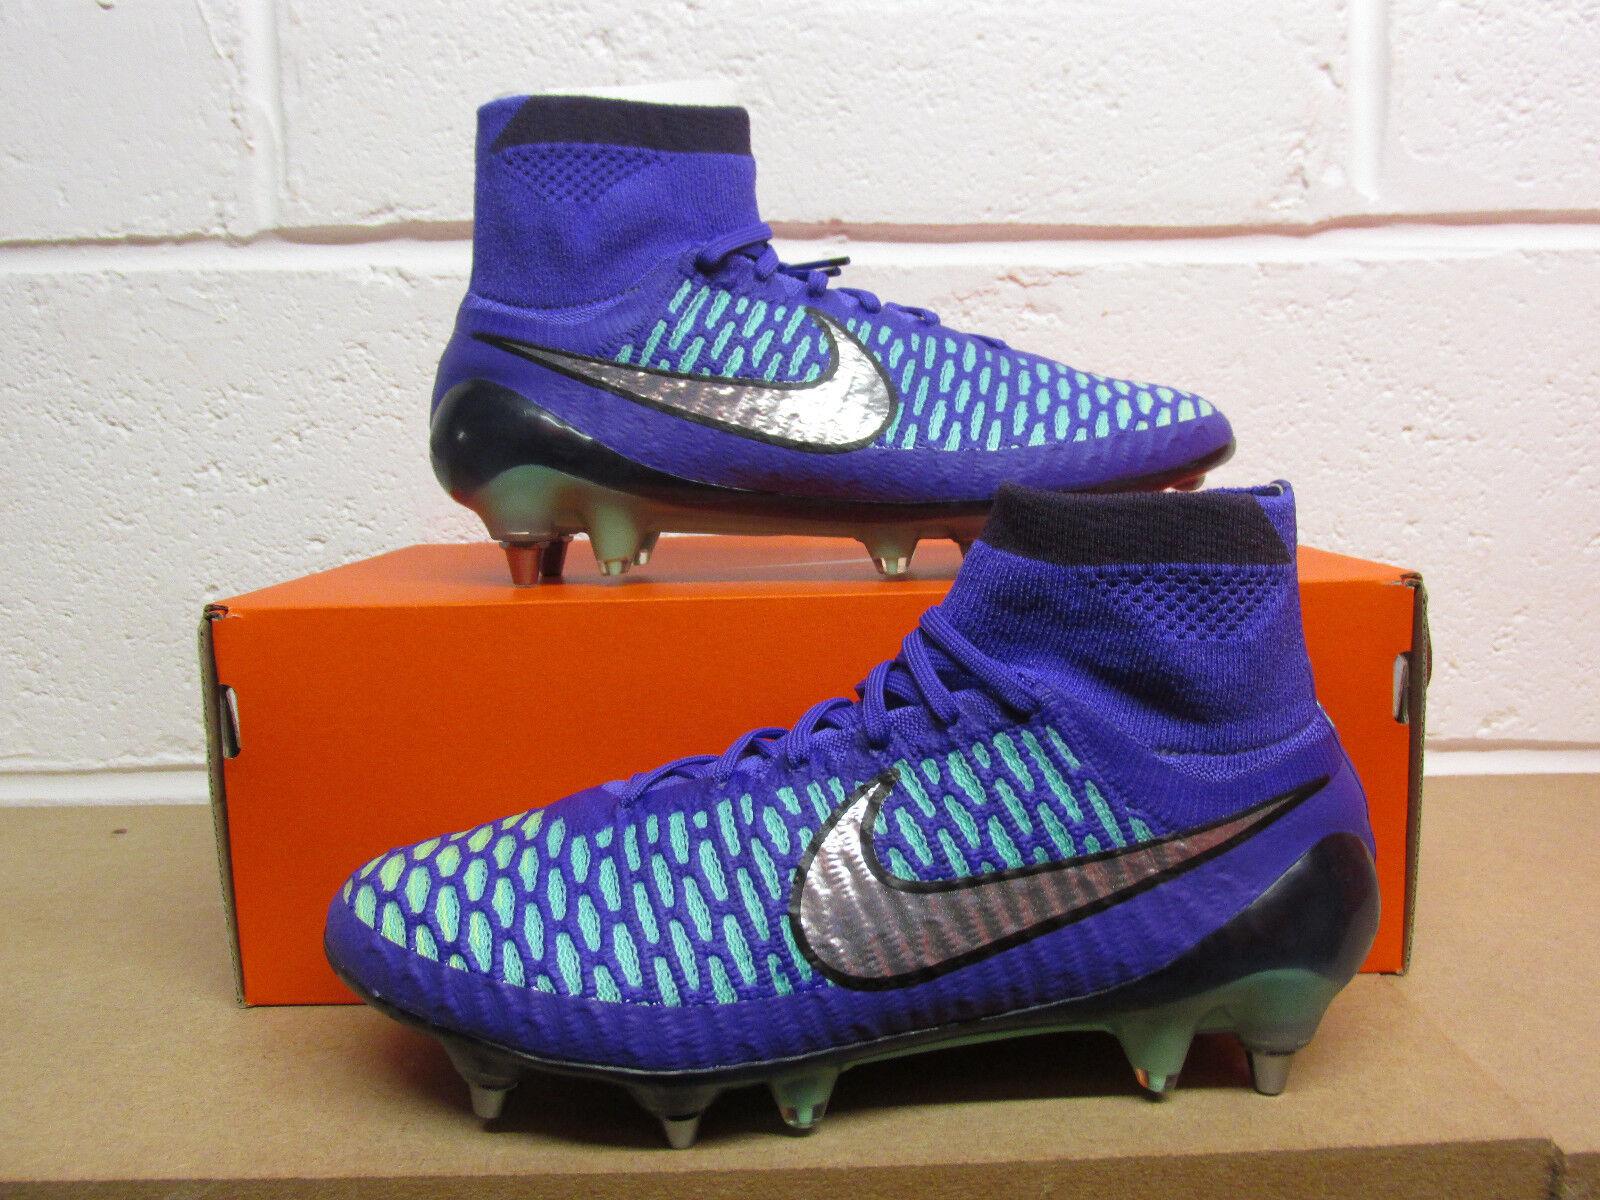 Nike Magista Obra Sg-Pro Herren 641325 505 Fußball Räumung Räumung Räumung f2ee75